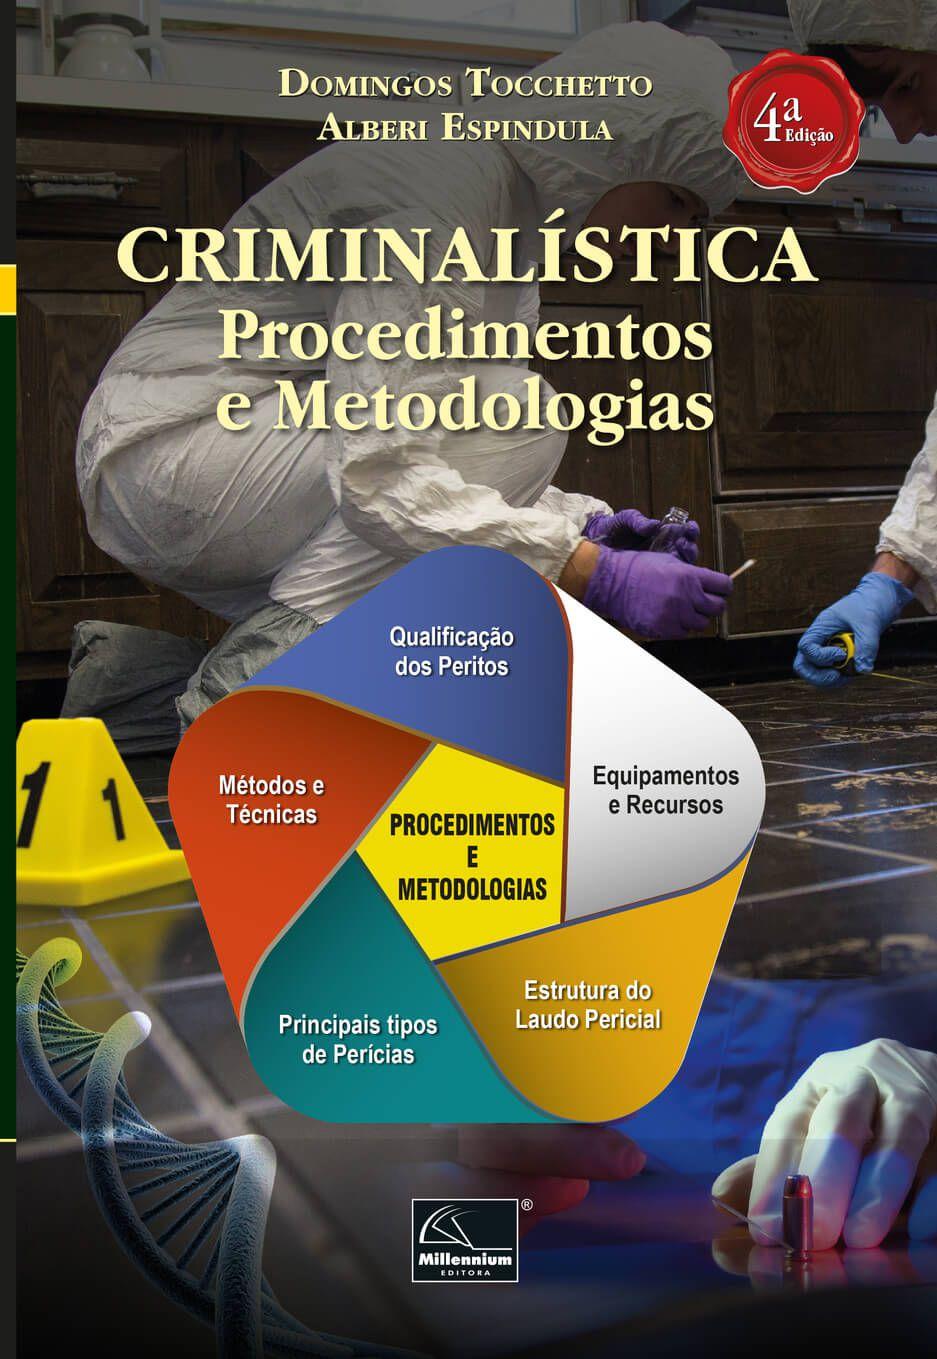 Criminalística: Procedimentos e Metodologias 4ª Edição <b>Autores: Domingos Tocchetto - Alberi Espindula</b>  - Millennium Editora - Livros de Perícia